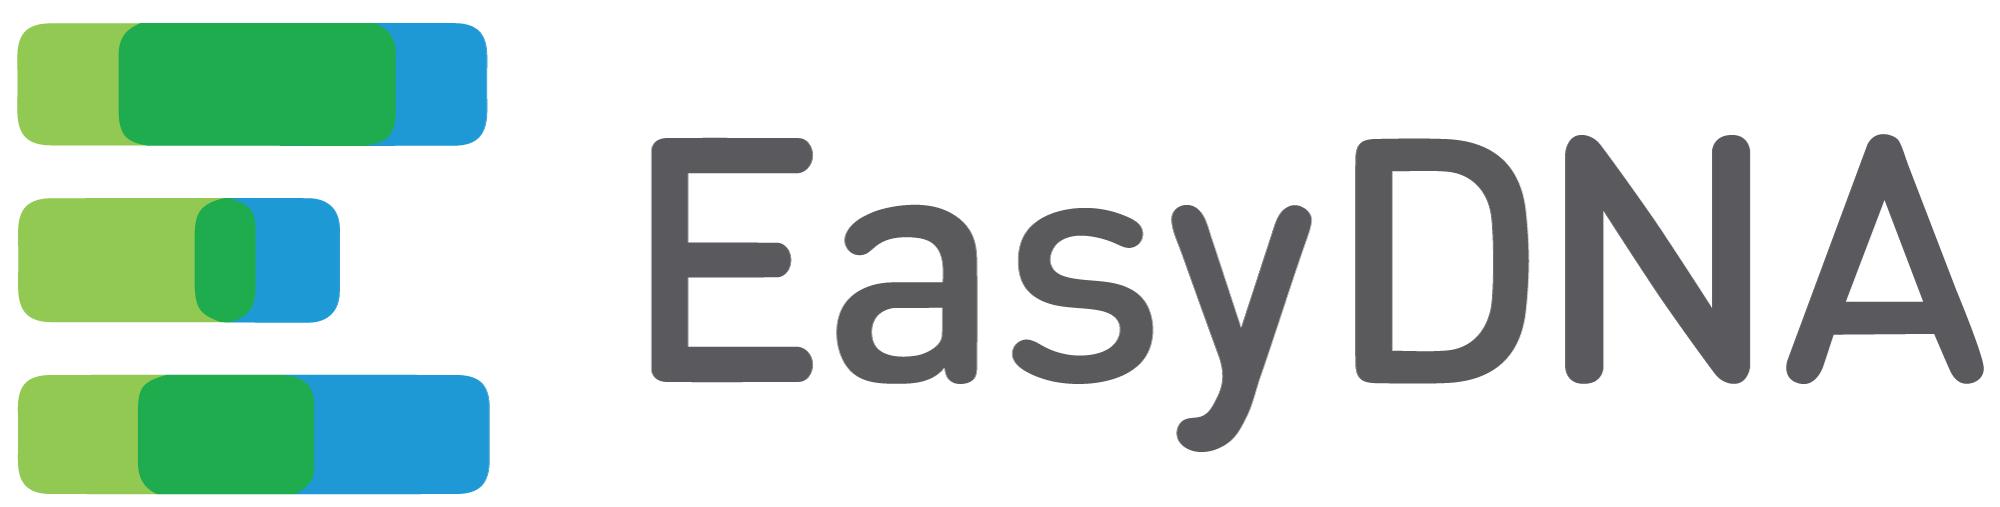 EasyDNA logo